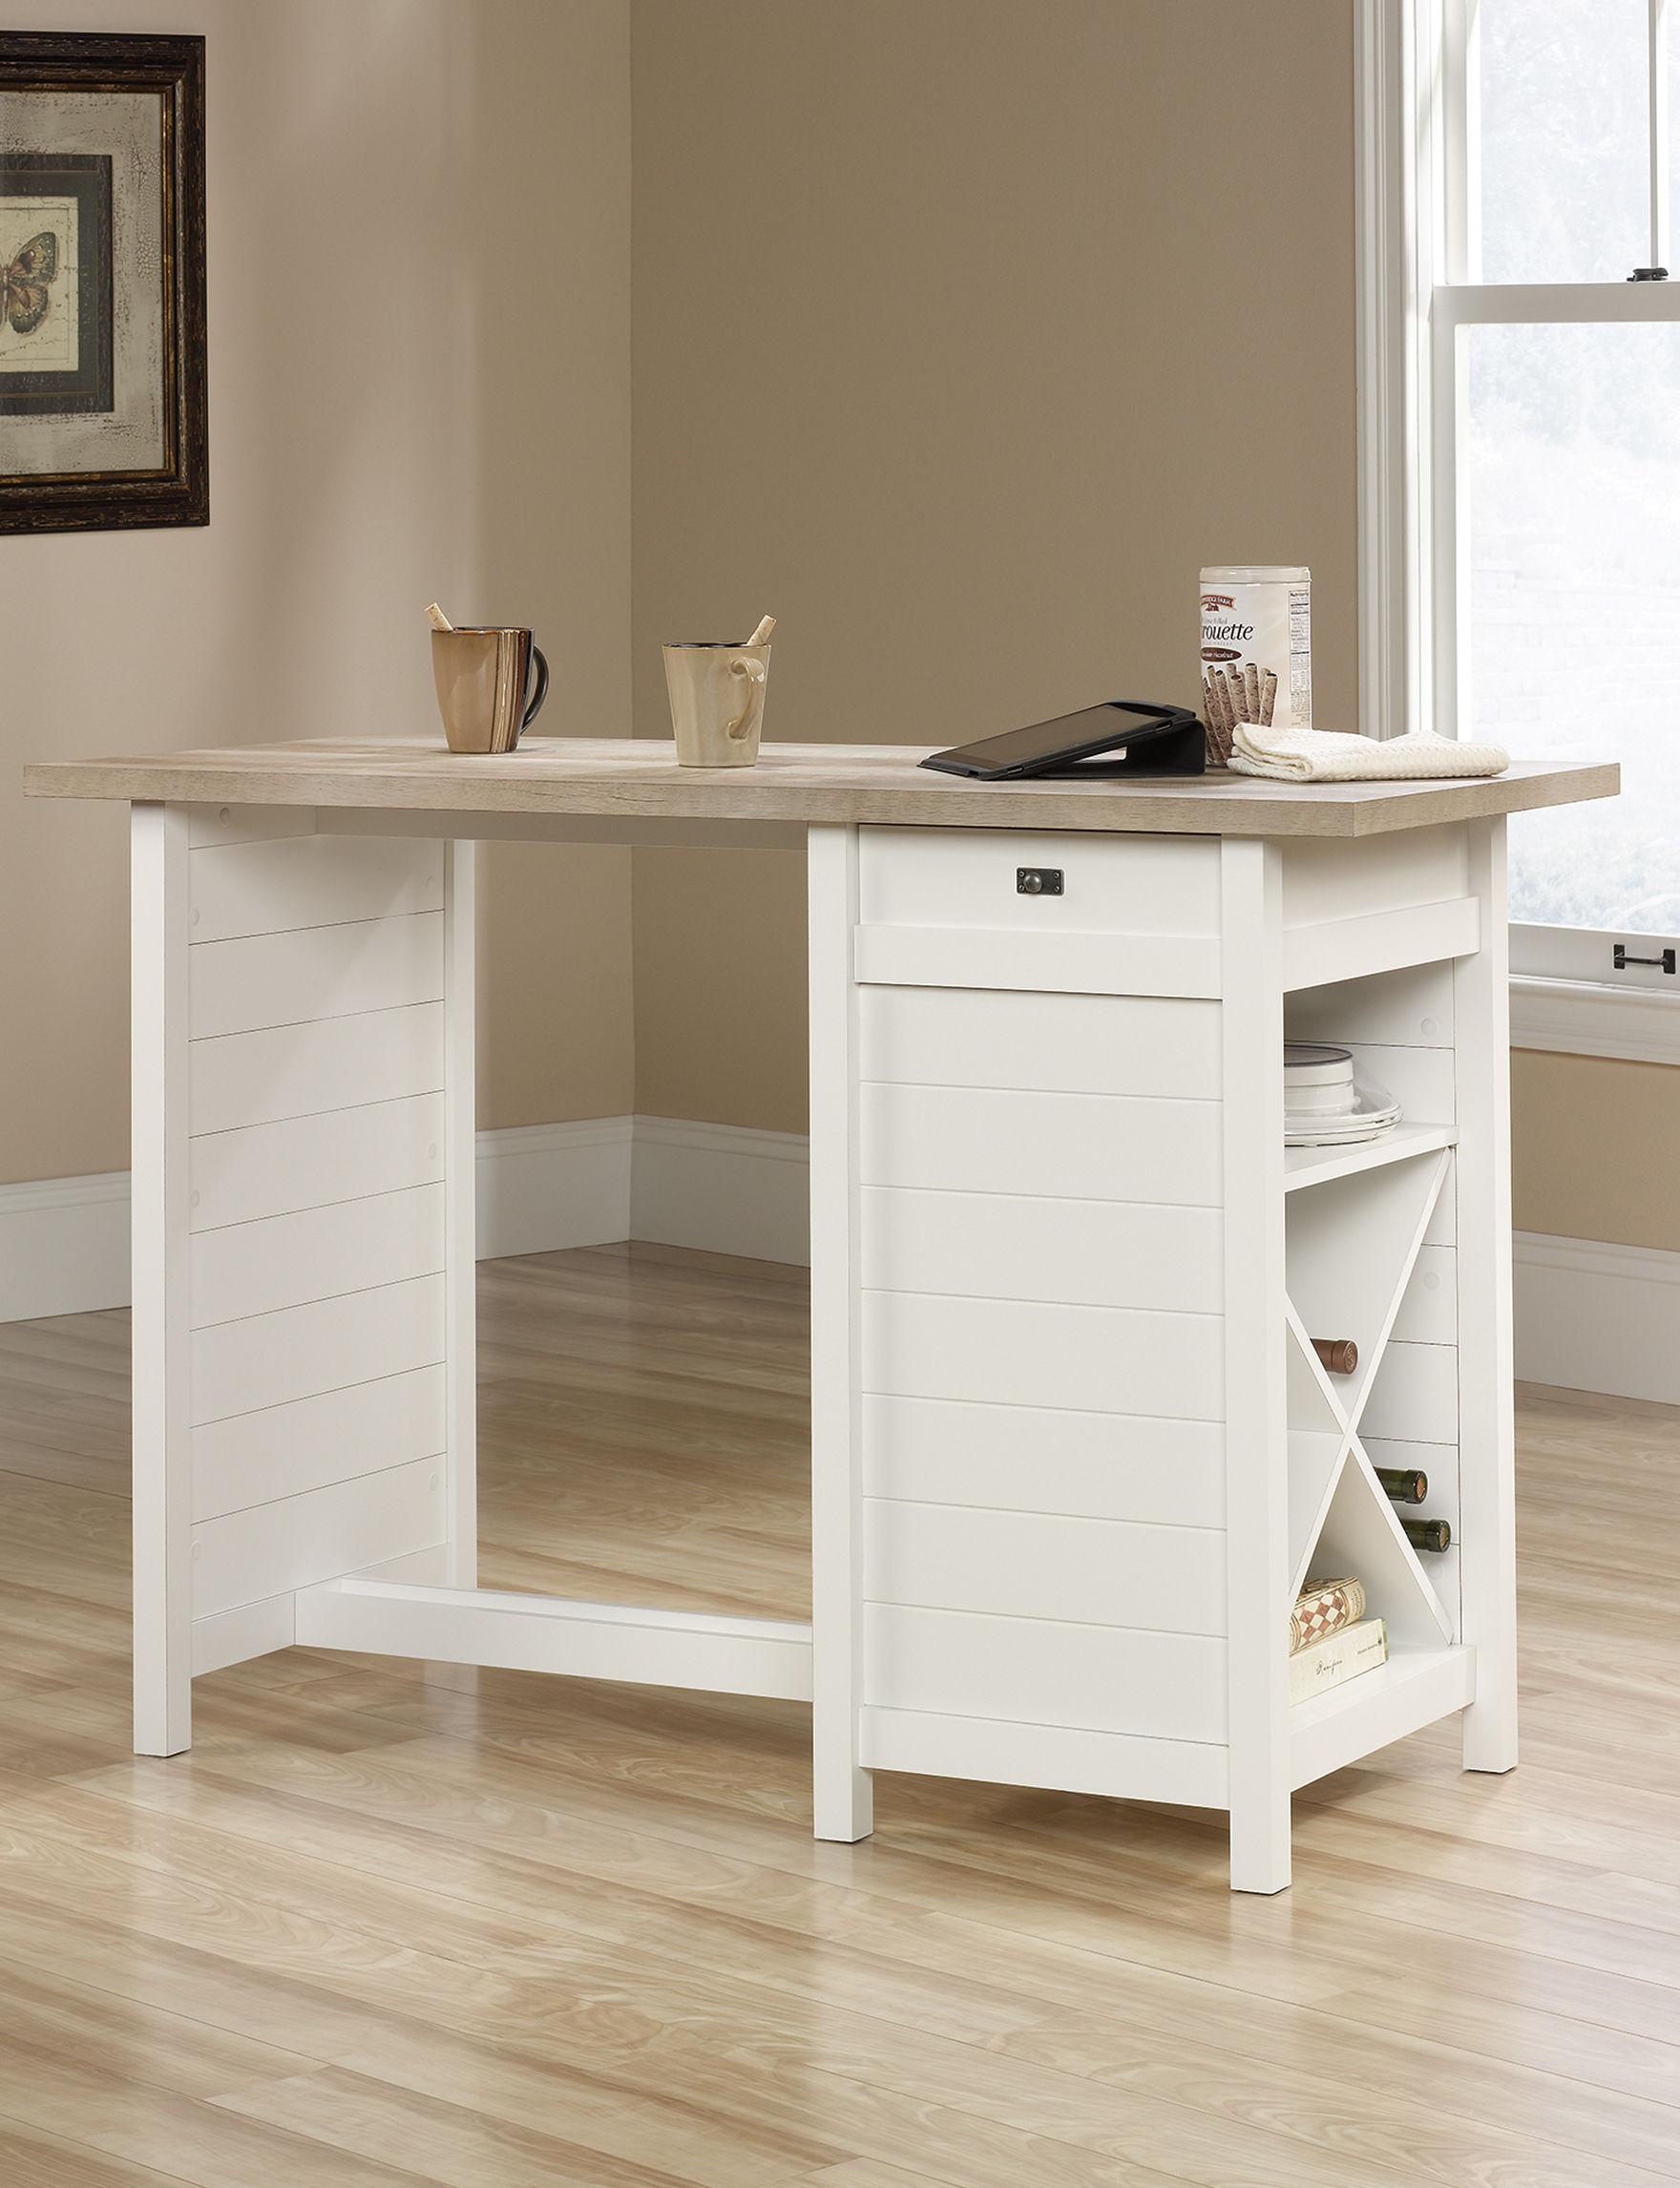 Sauder Off White Kitchen Islands & Carts Kitchen & Dining Furniture